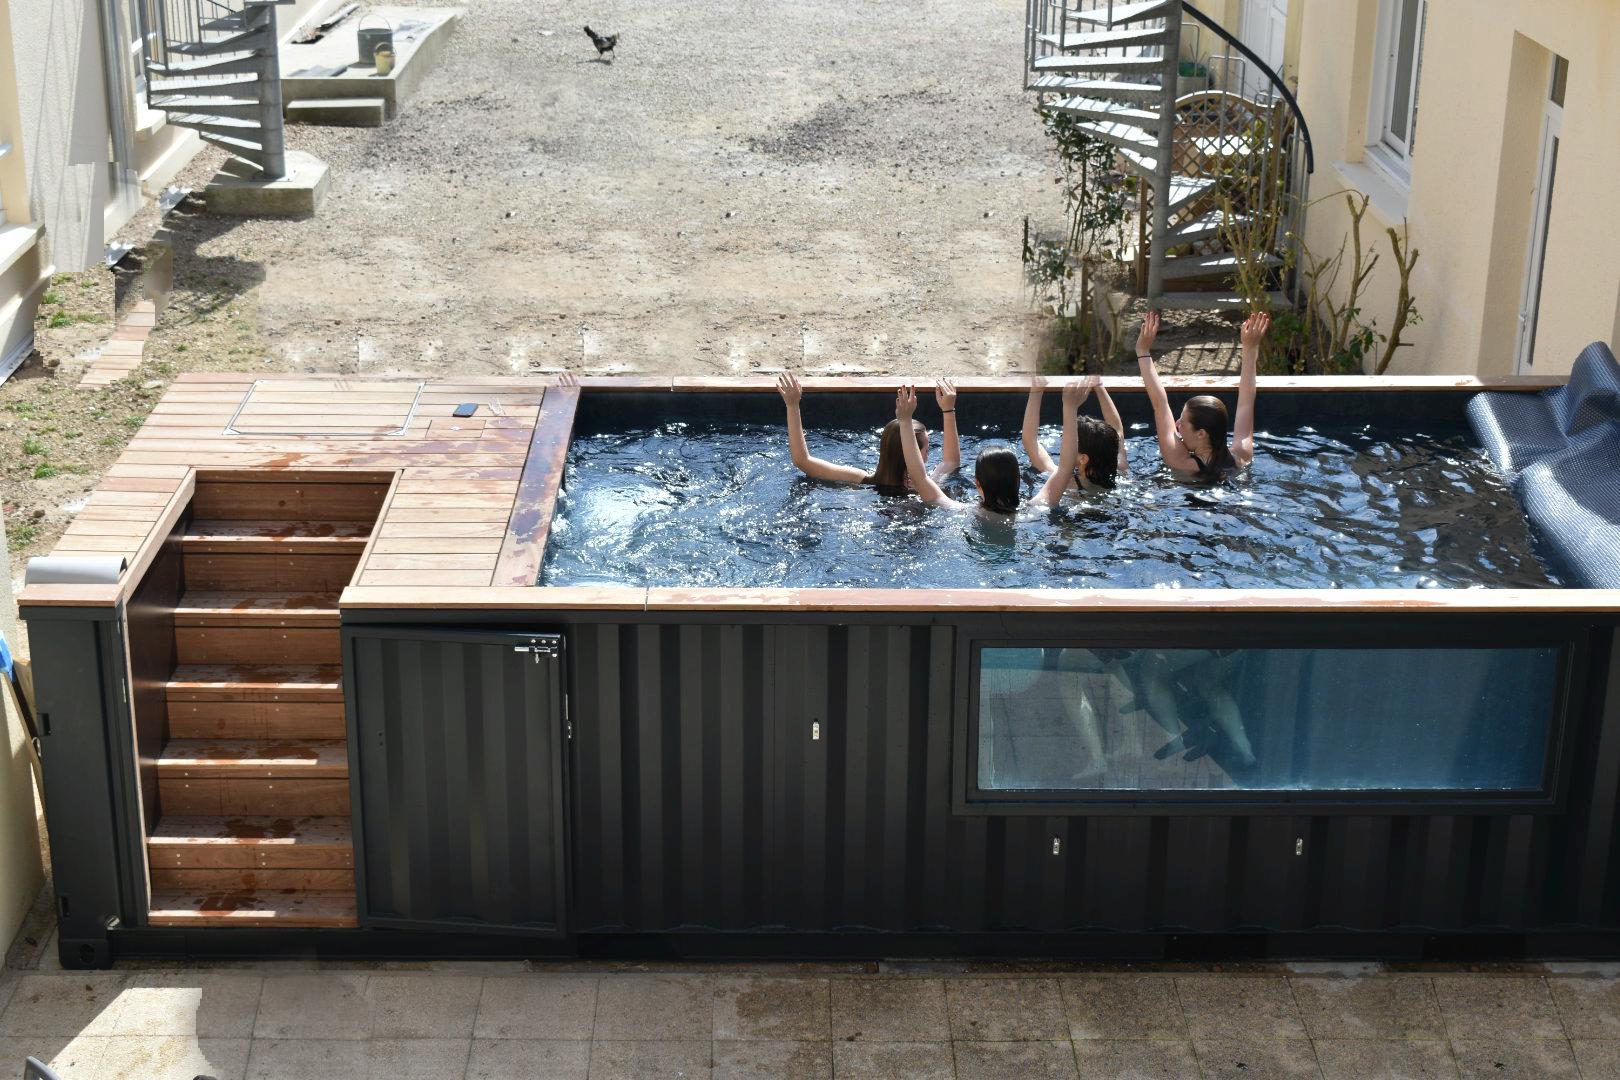 séance de piscine